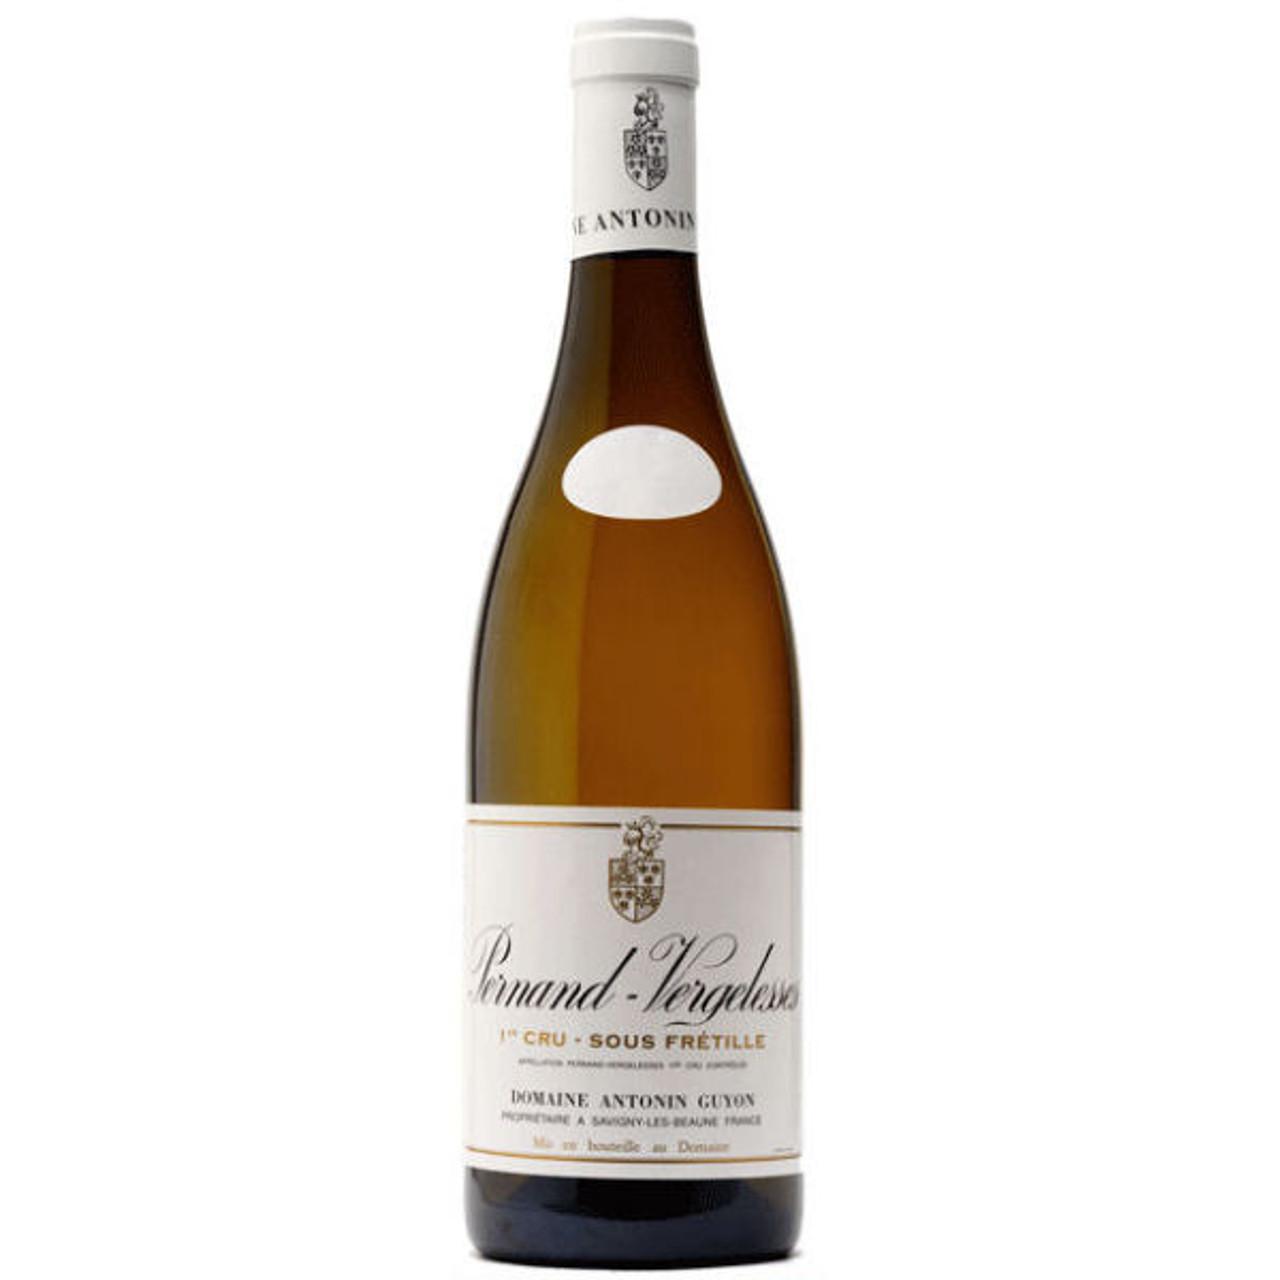 Domaine Antonin Guyon Pernand-Vergelesses Sous Fretille 1er Cru White Burgundy